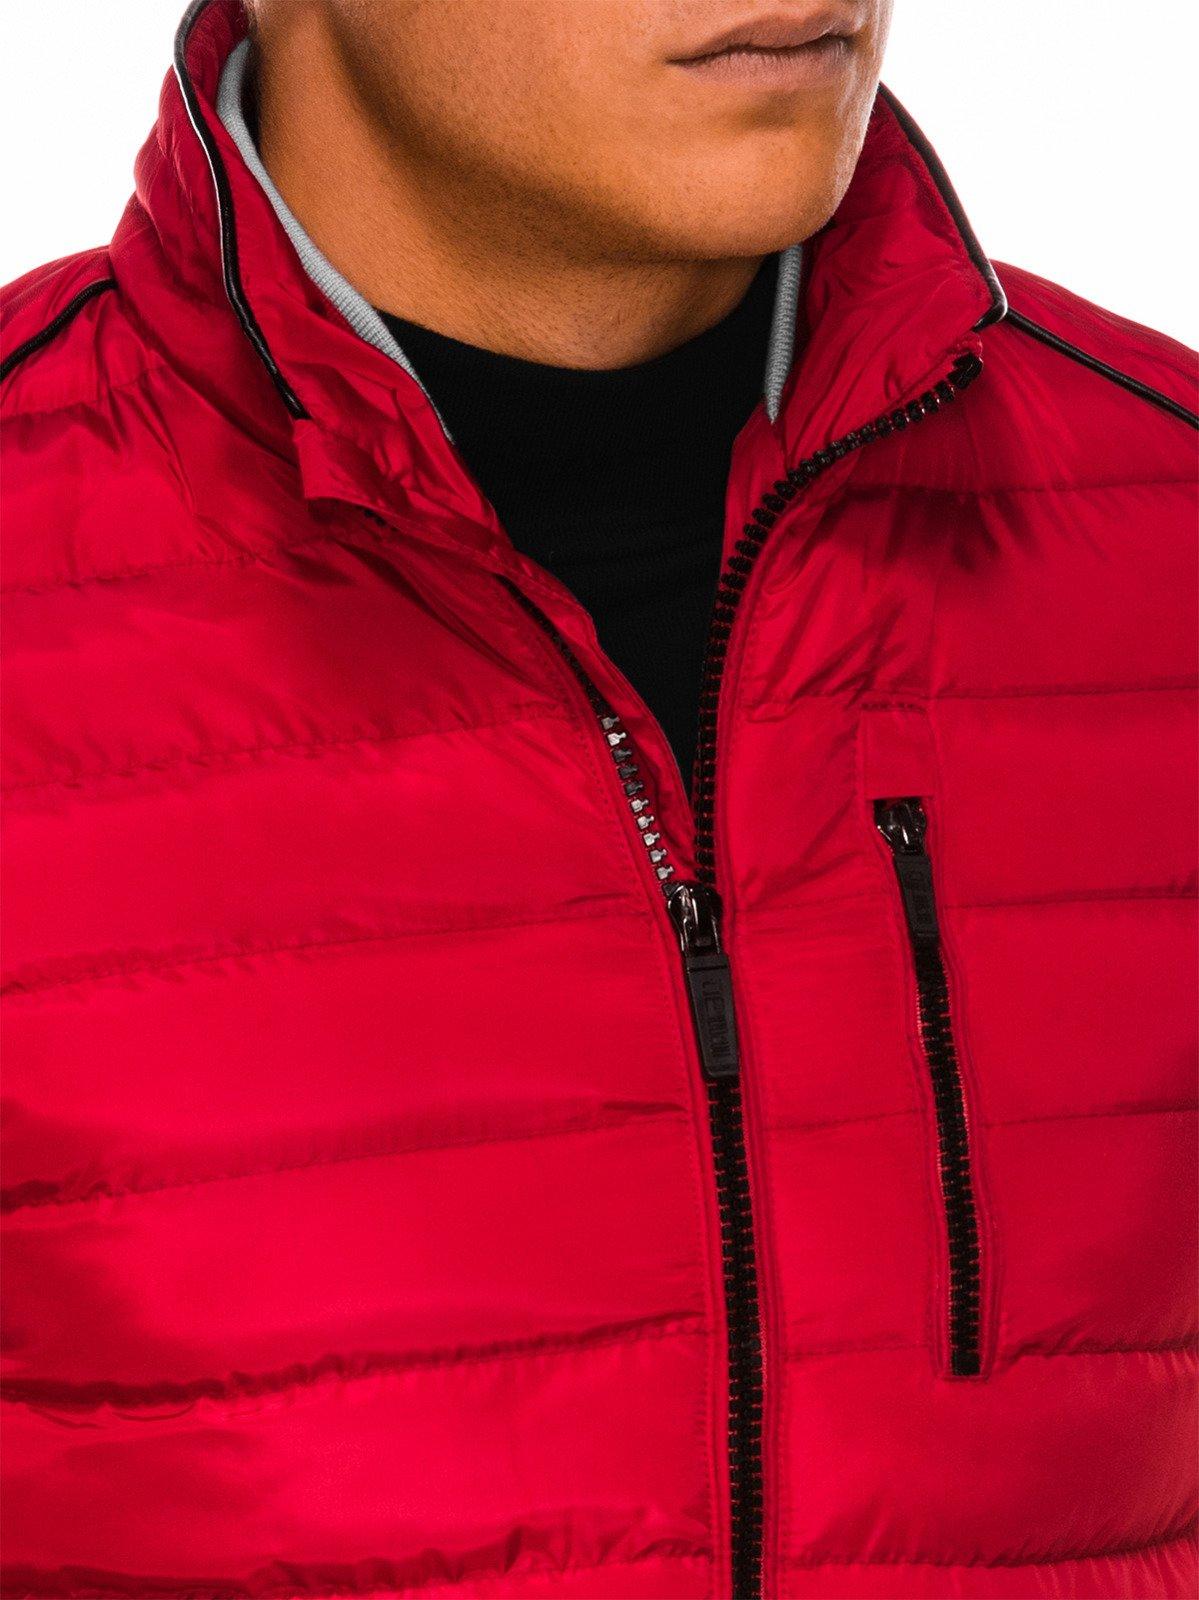 Ombre Kurtka męska zimowa C422 czerwona